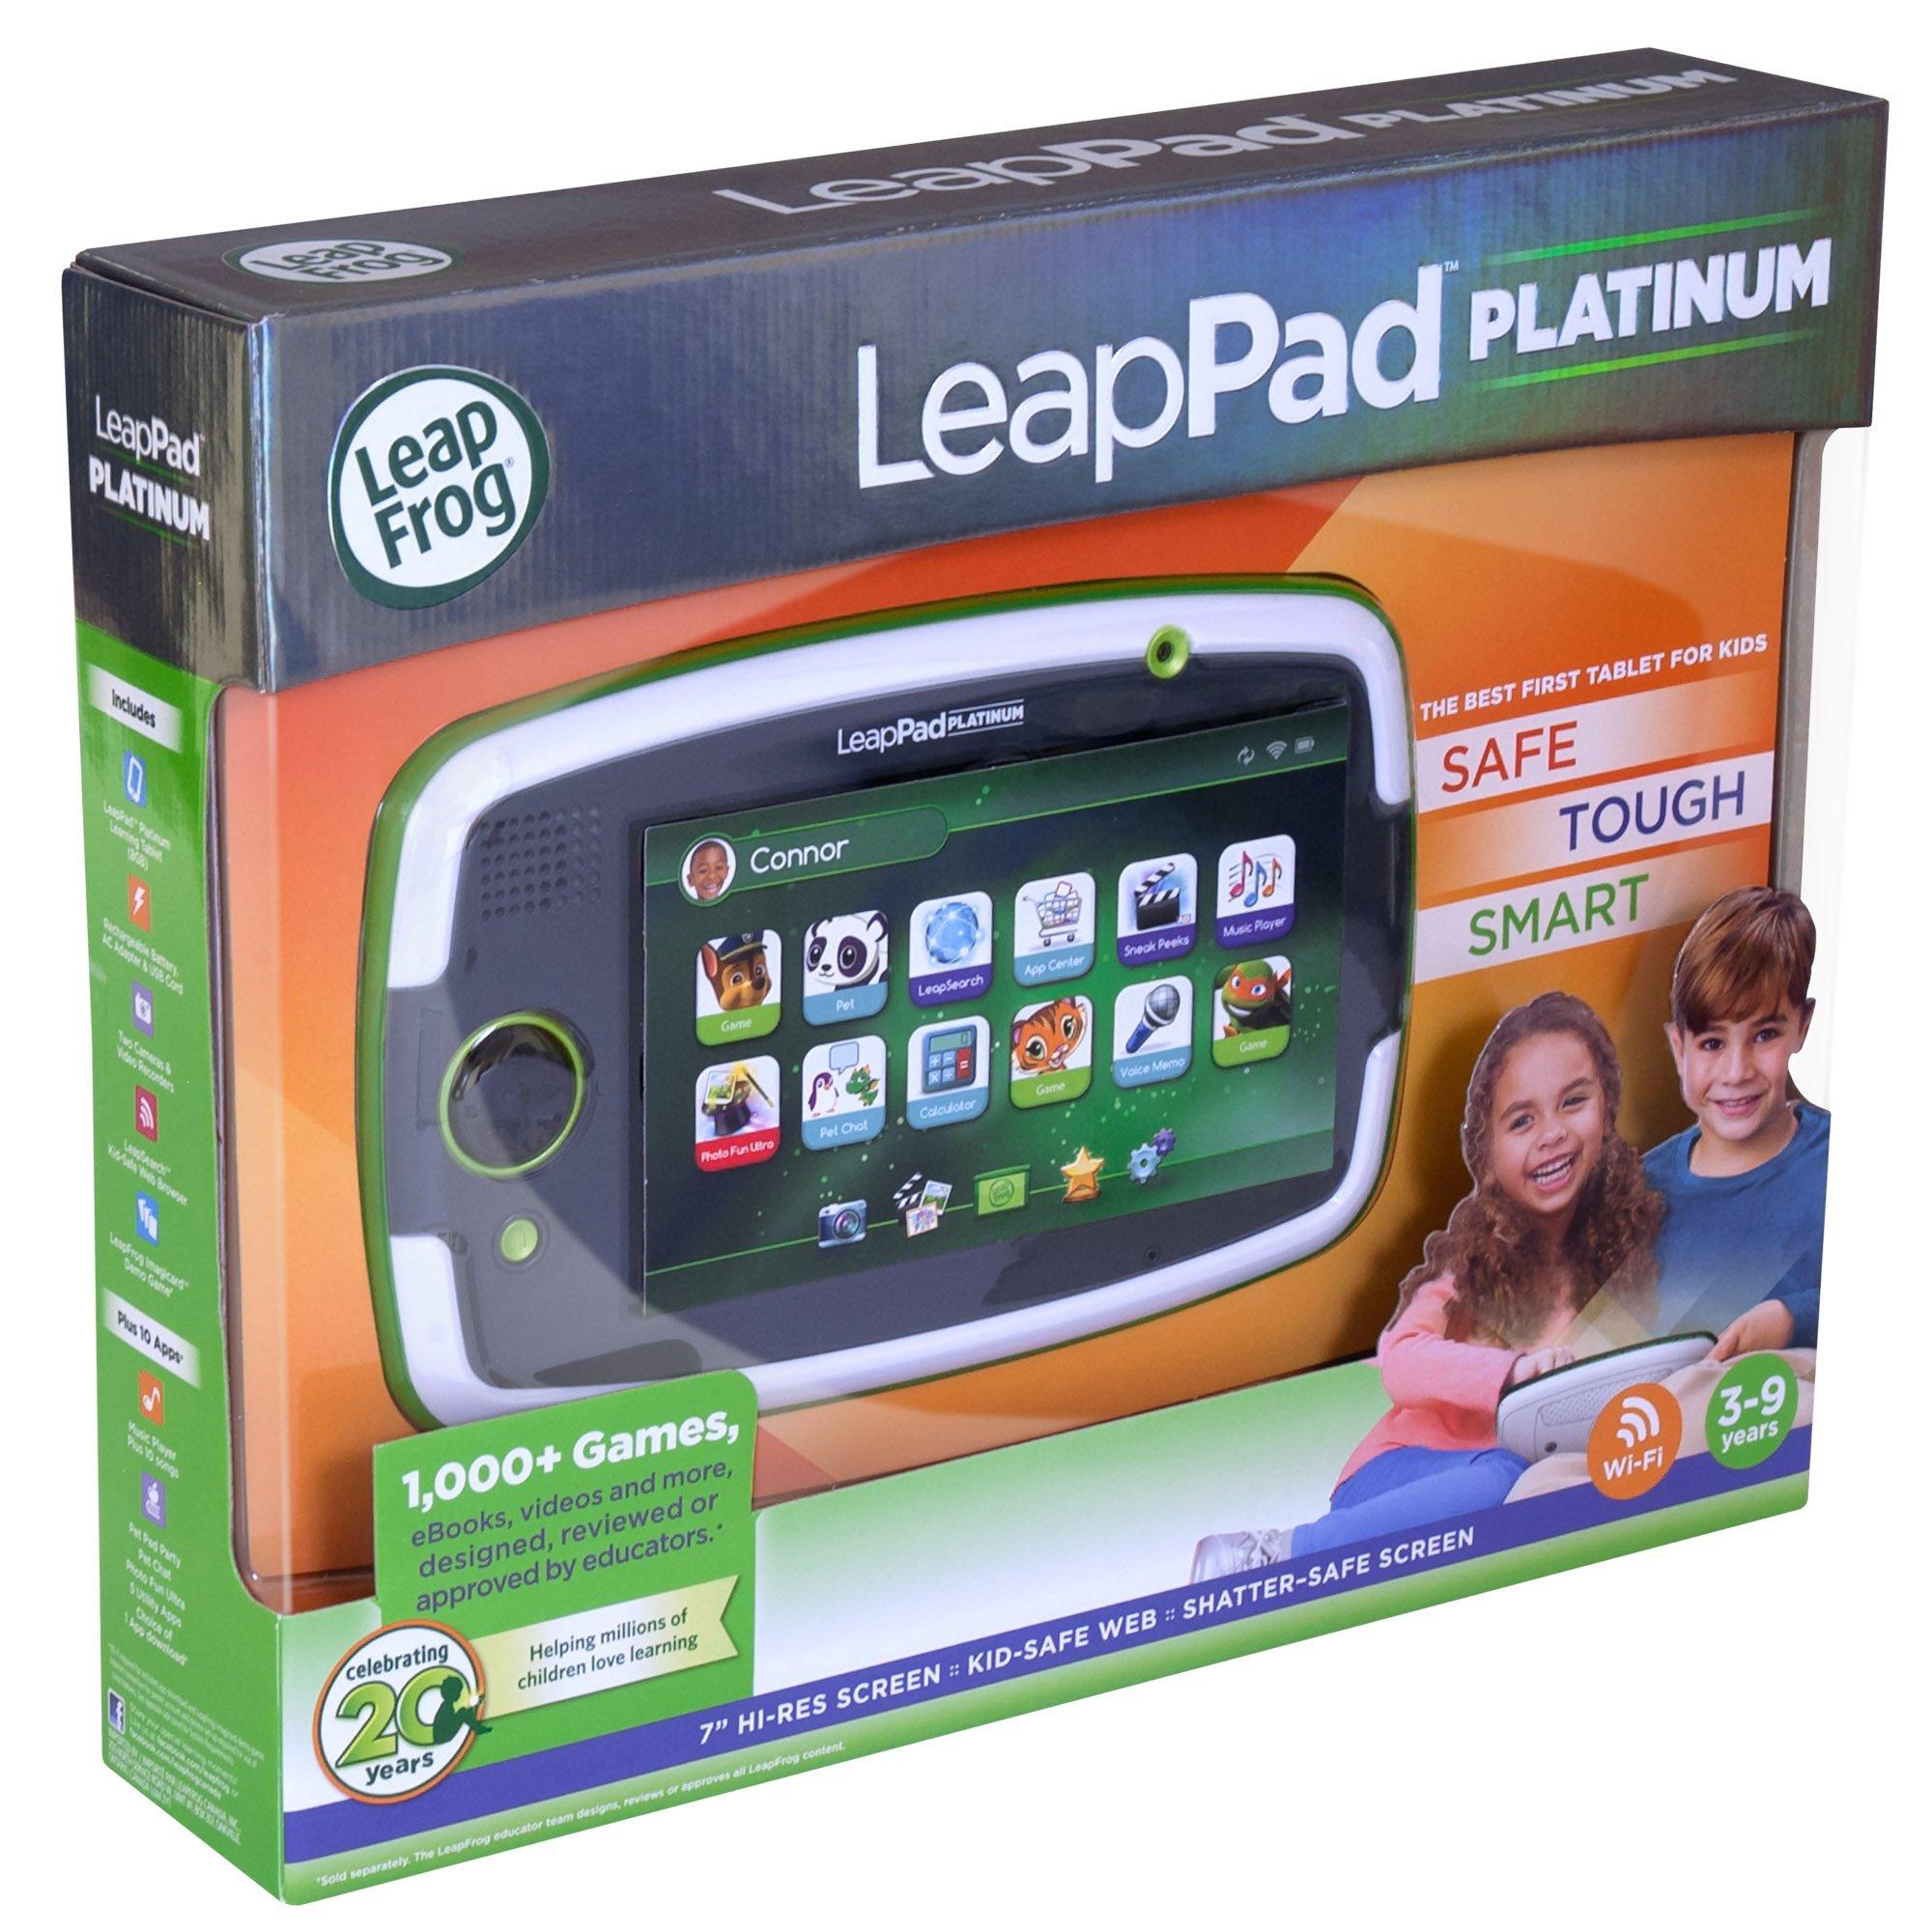 LeapFrog LeapPad Platinum Kids Learning Tablet, Green by LeapFrog. (Image #17)